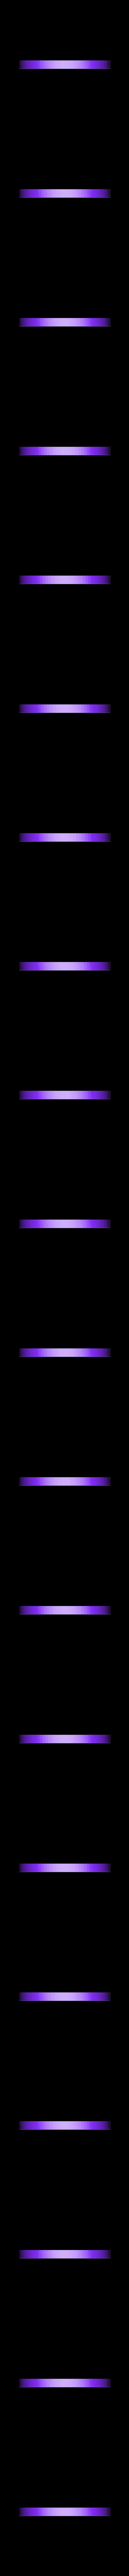 back_door.STL Télécharger fichier STL gratuit La maison de l'oiseau en boîte de conserve par Samuel Bernier, Projet RE_ • Plan pour imprimante 3D, ximenachata